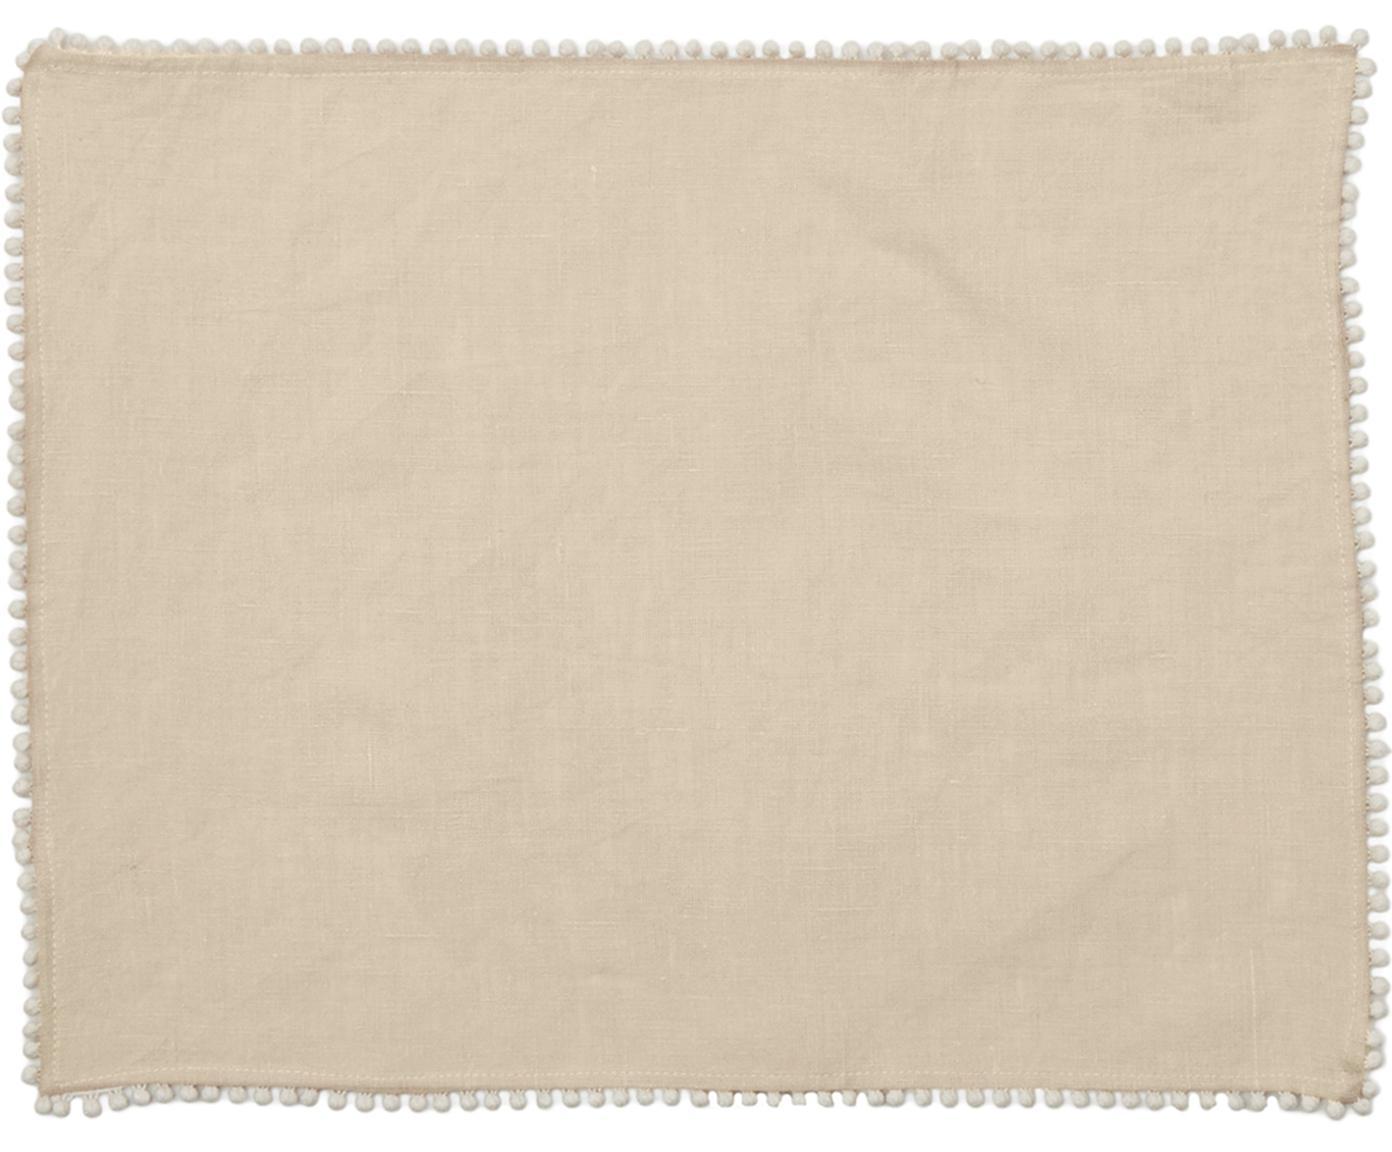 Leinen -Tischsets Pom Pom, 2 Stück, Leinen, Beige, 35 x 45 cm